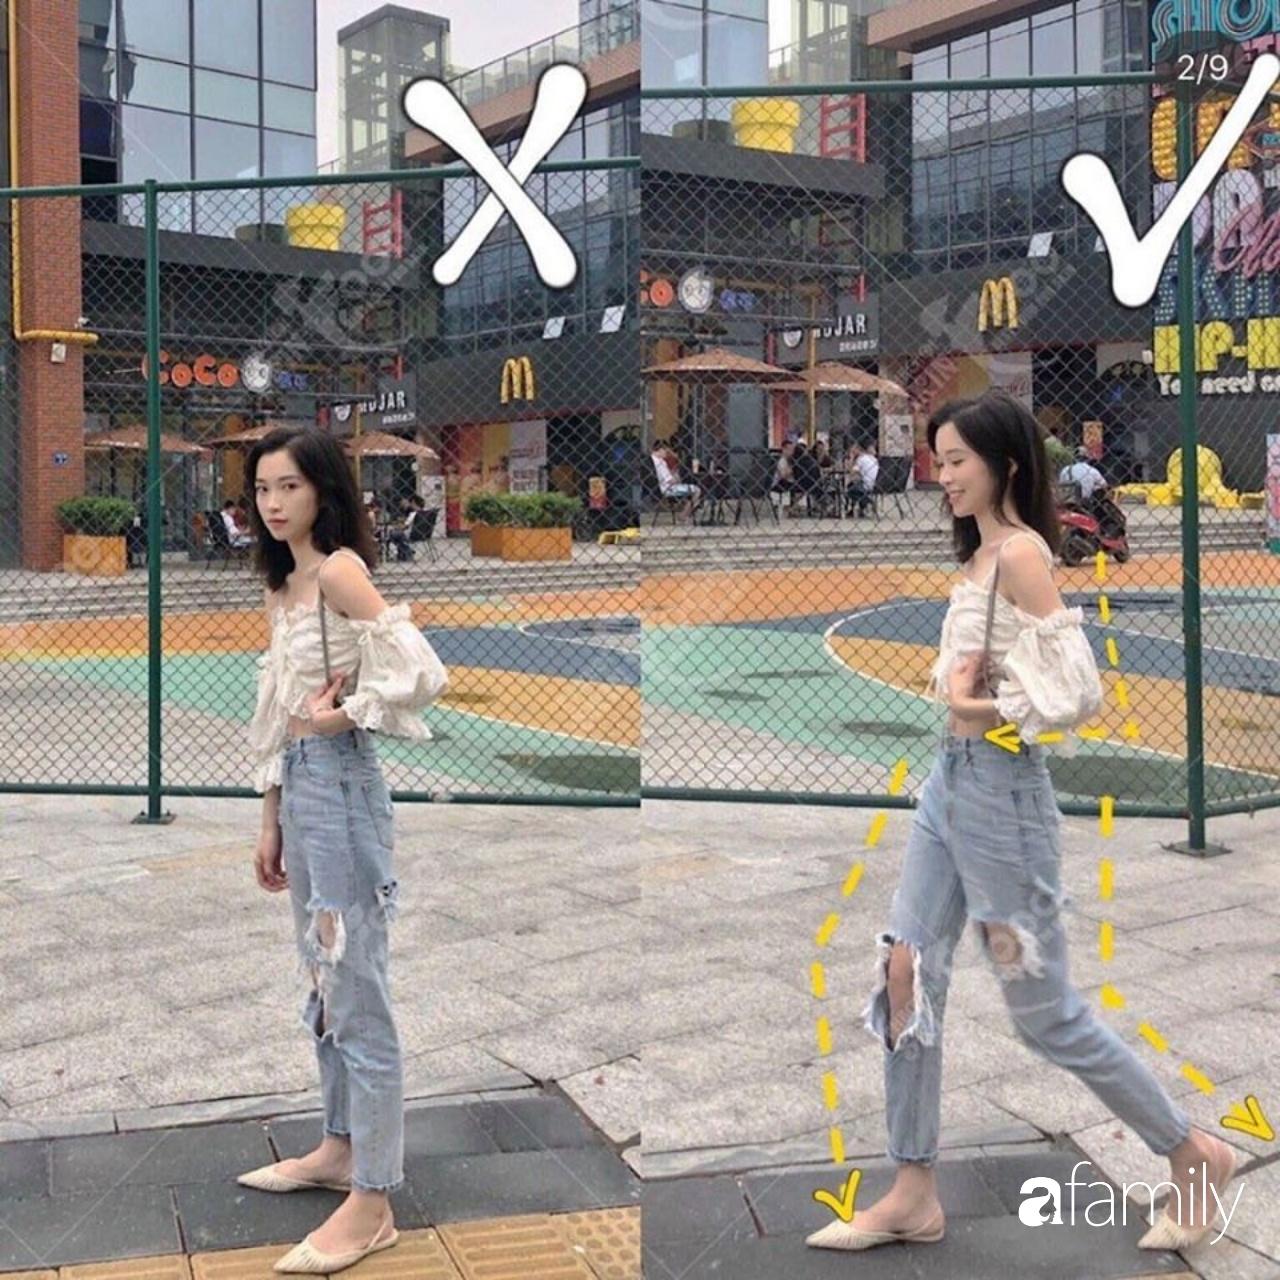 """Để chụp ảnh street style đẹp lung linh thì cần nắm 8 tuyệt kỹ tạo dáng giúp chân dài, dáng thon lại """"chanh xả"""" xuất sắc - Ảnh 4."""